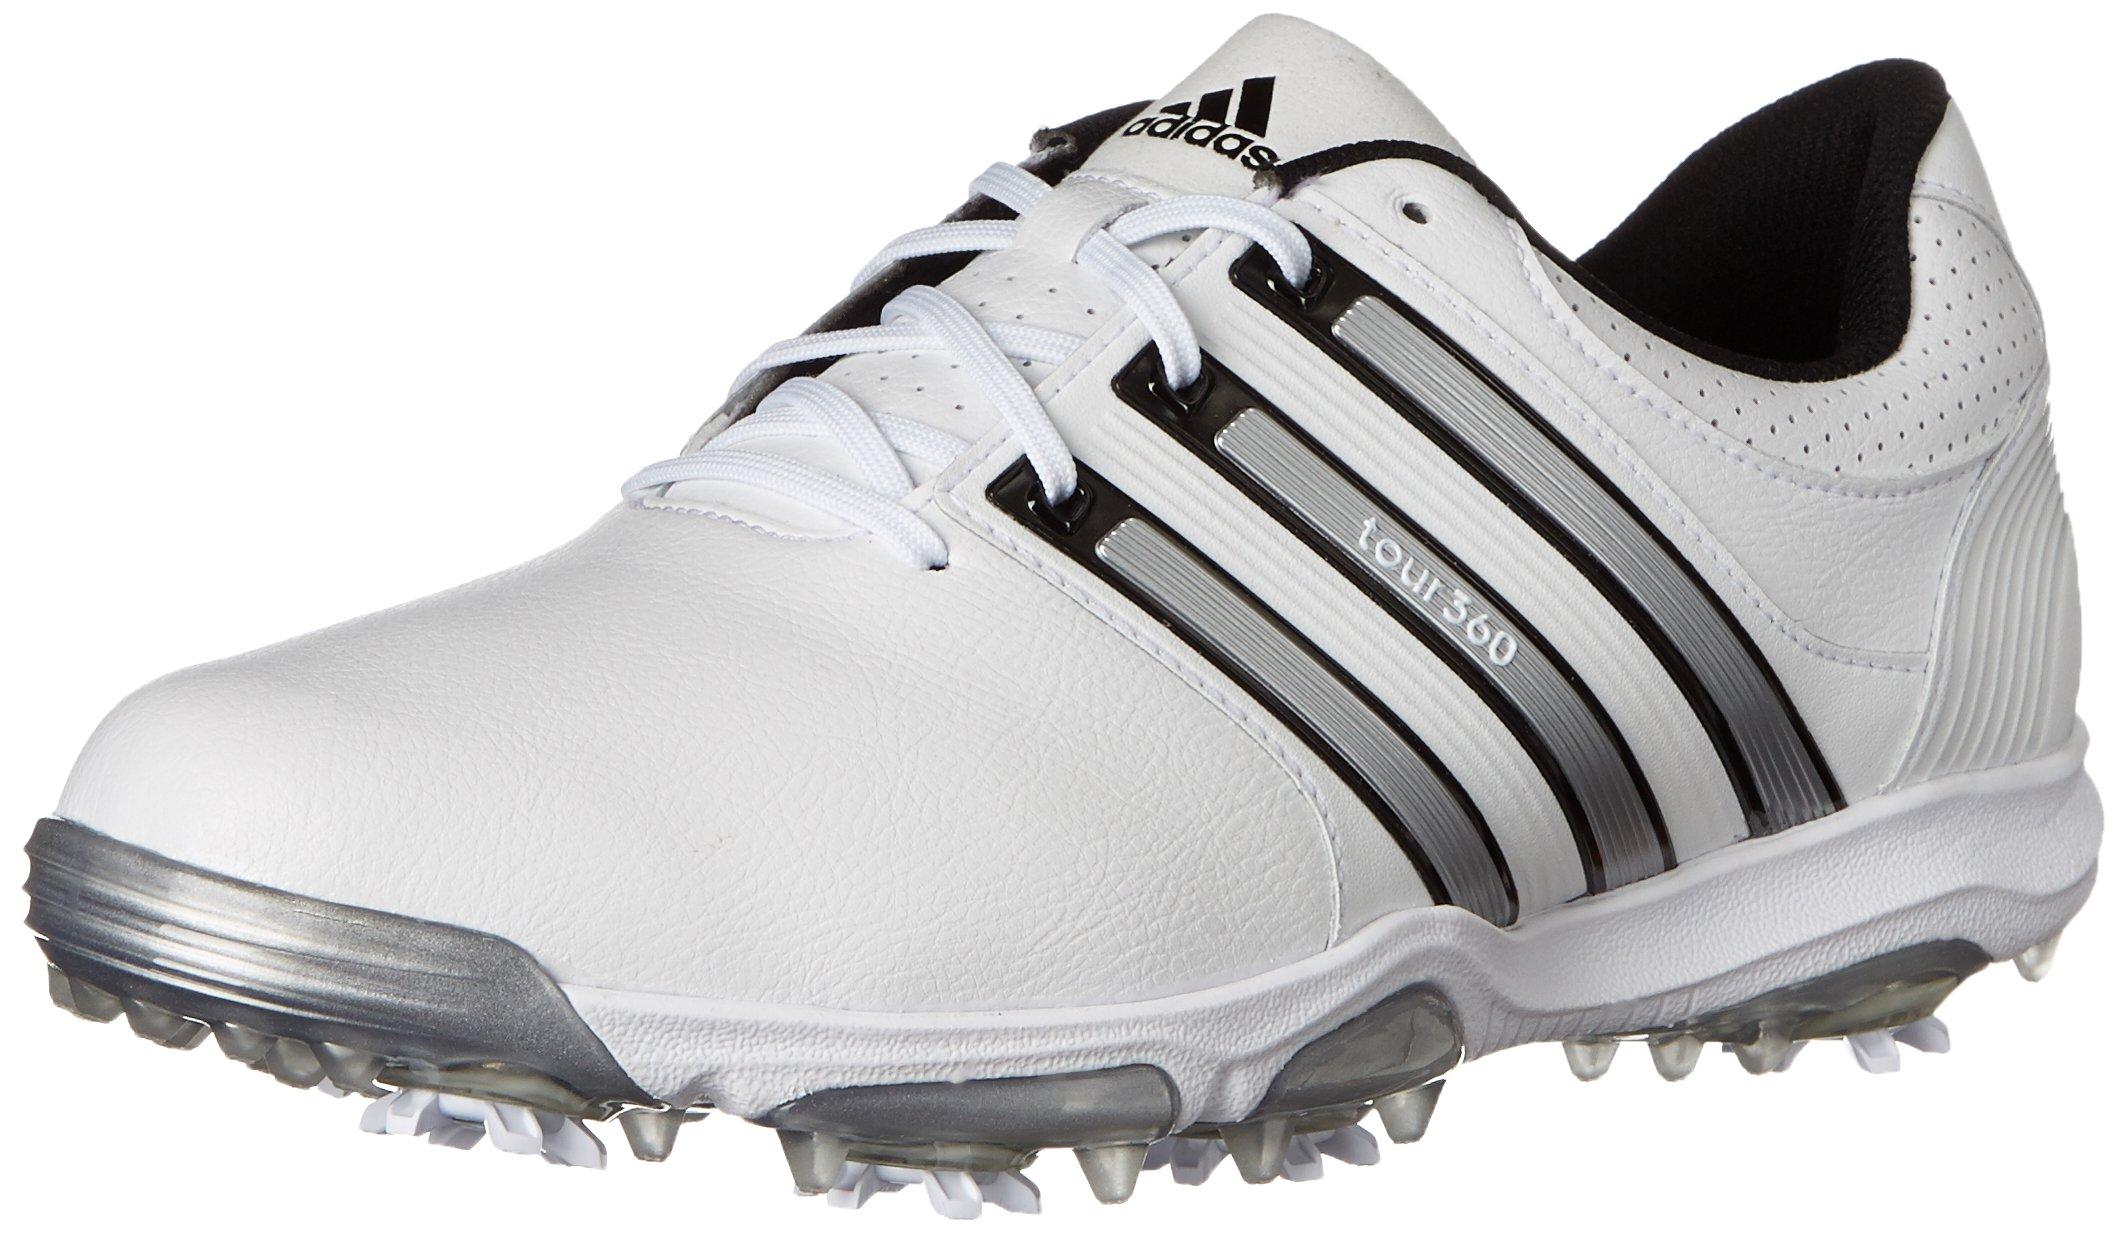 adidas Men's Tour 360 X, Running White/Black/Silver Metallic, 9 M US